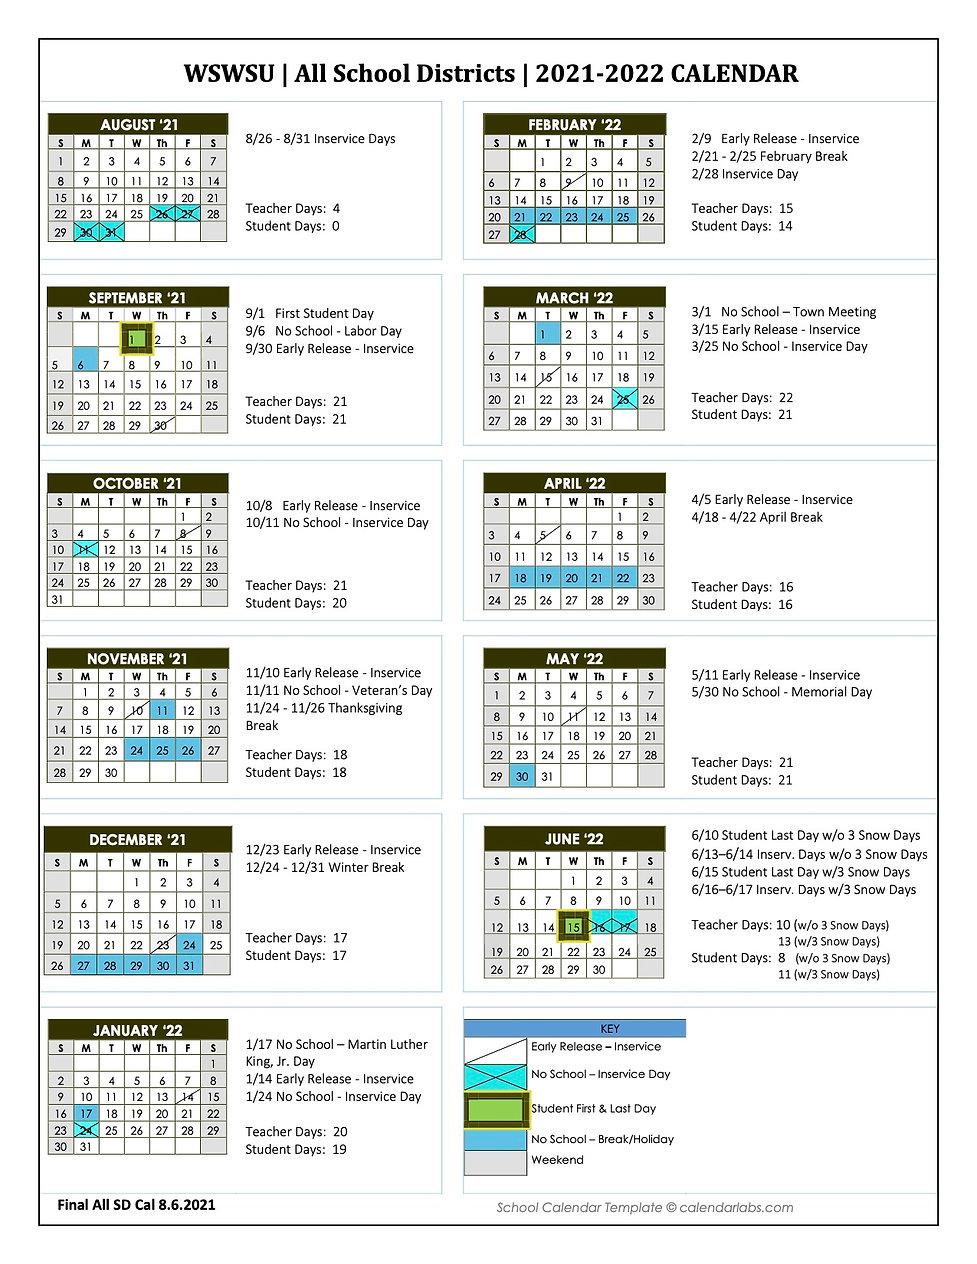 2021-22 School Calendar Final All SD.jpg